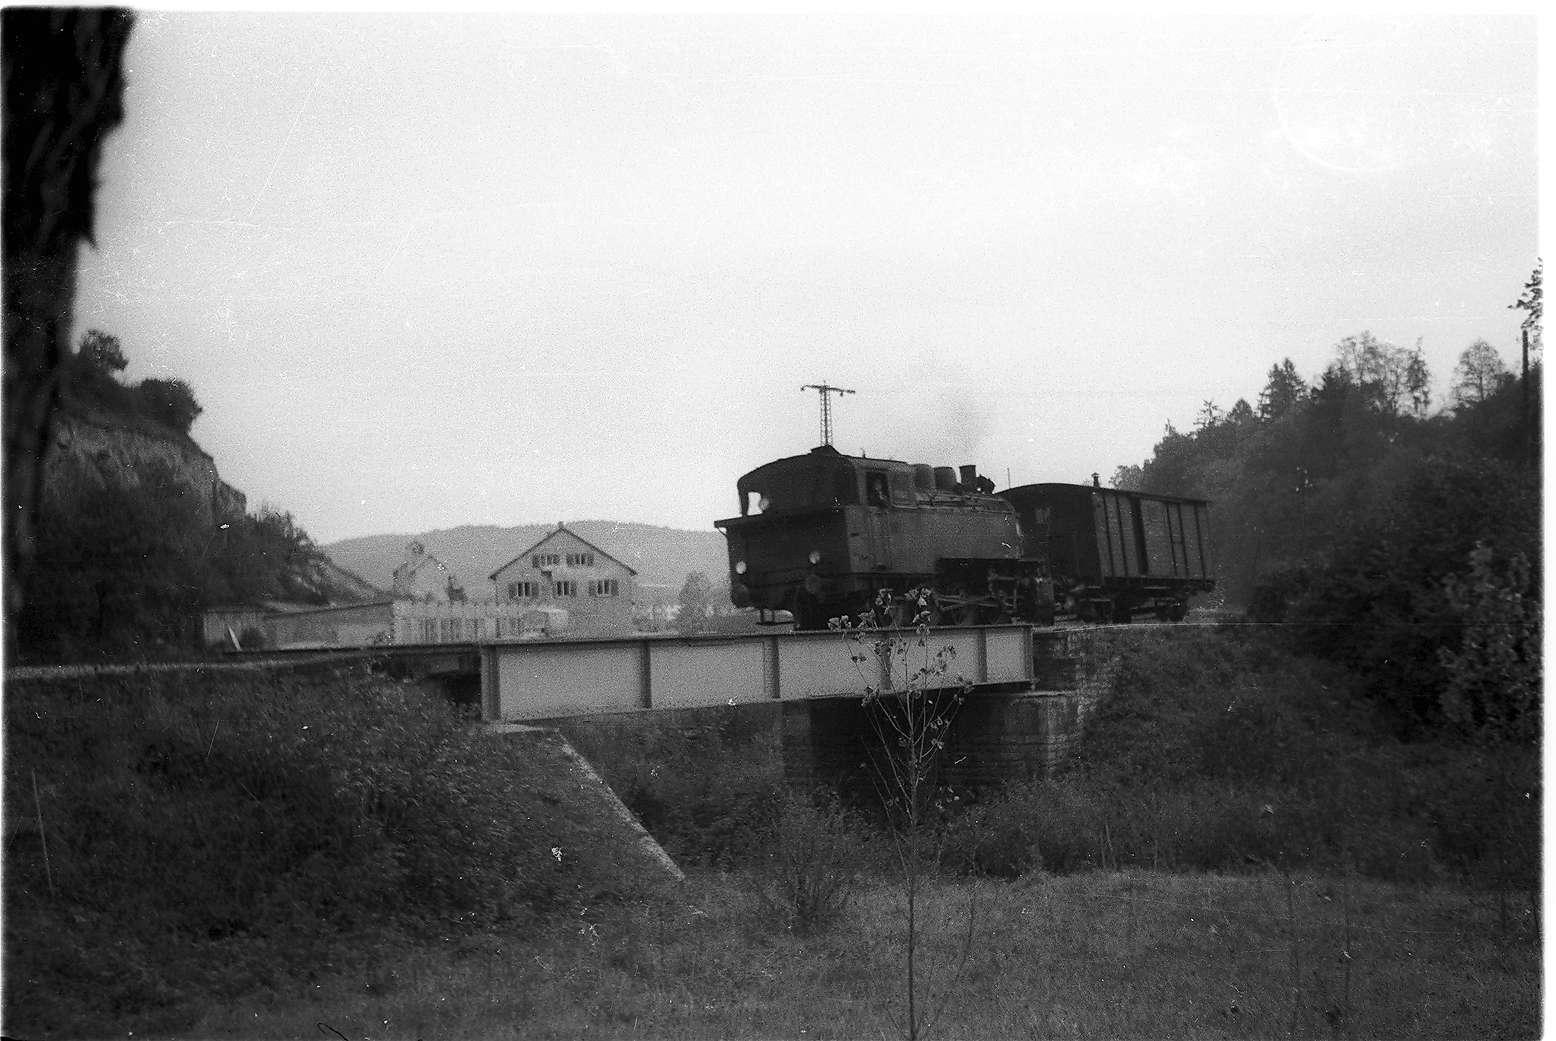 Bahnhof Stetten bei Haigerloch, Lok 16 mit Packwagen von 1901, 2009 betriebsfähige Museumsfahrzeuge, Stunzachbrücke von 1901, Bild 1